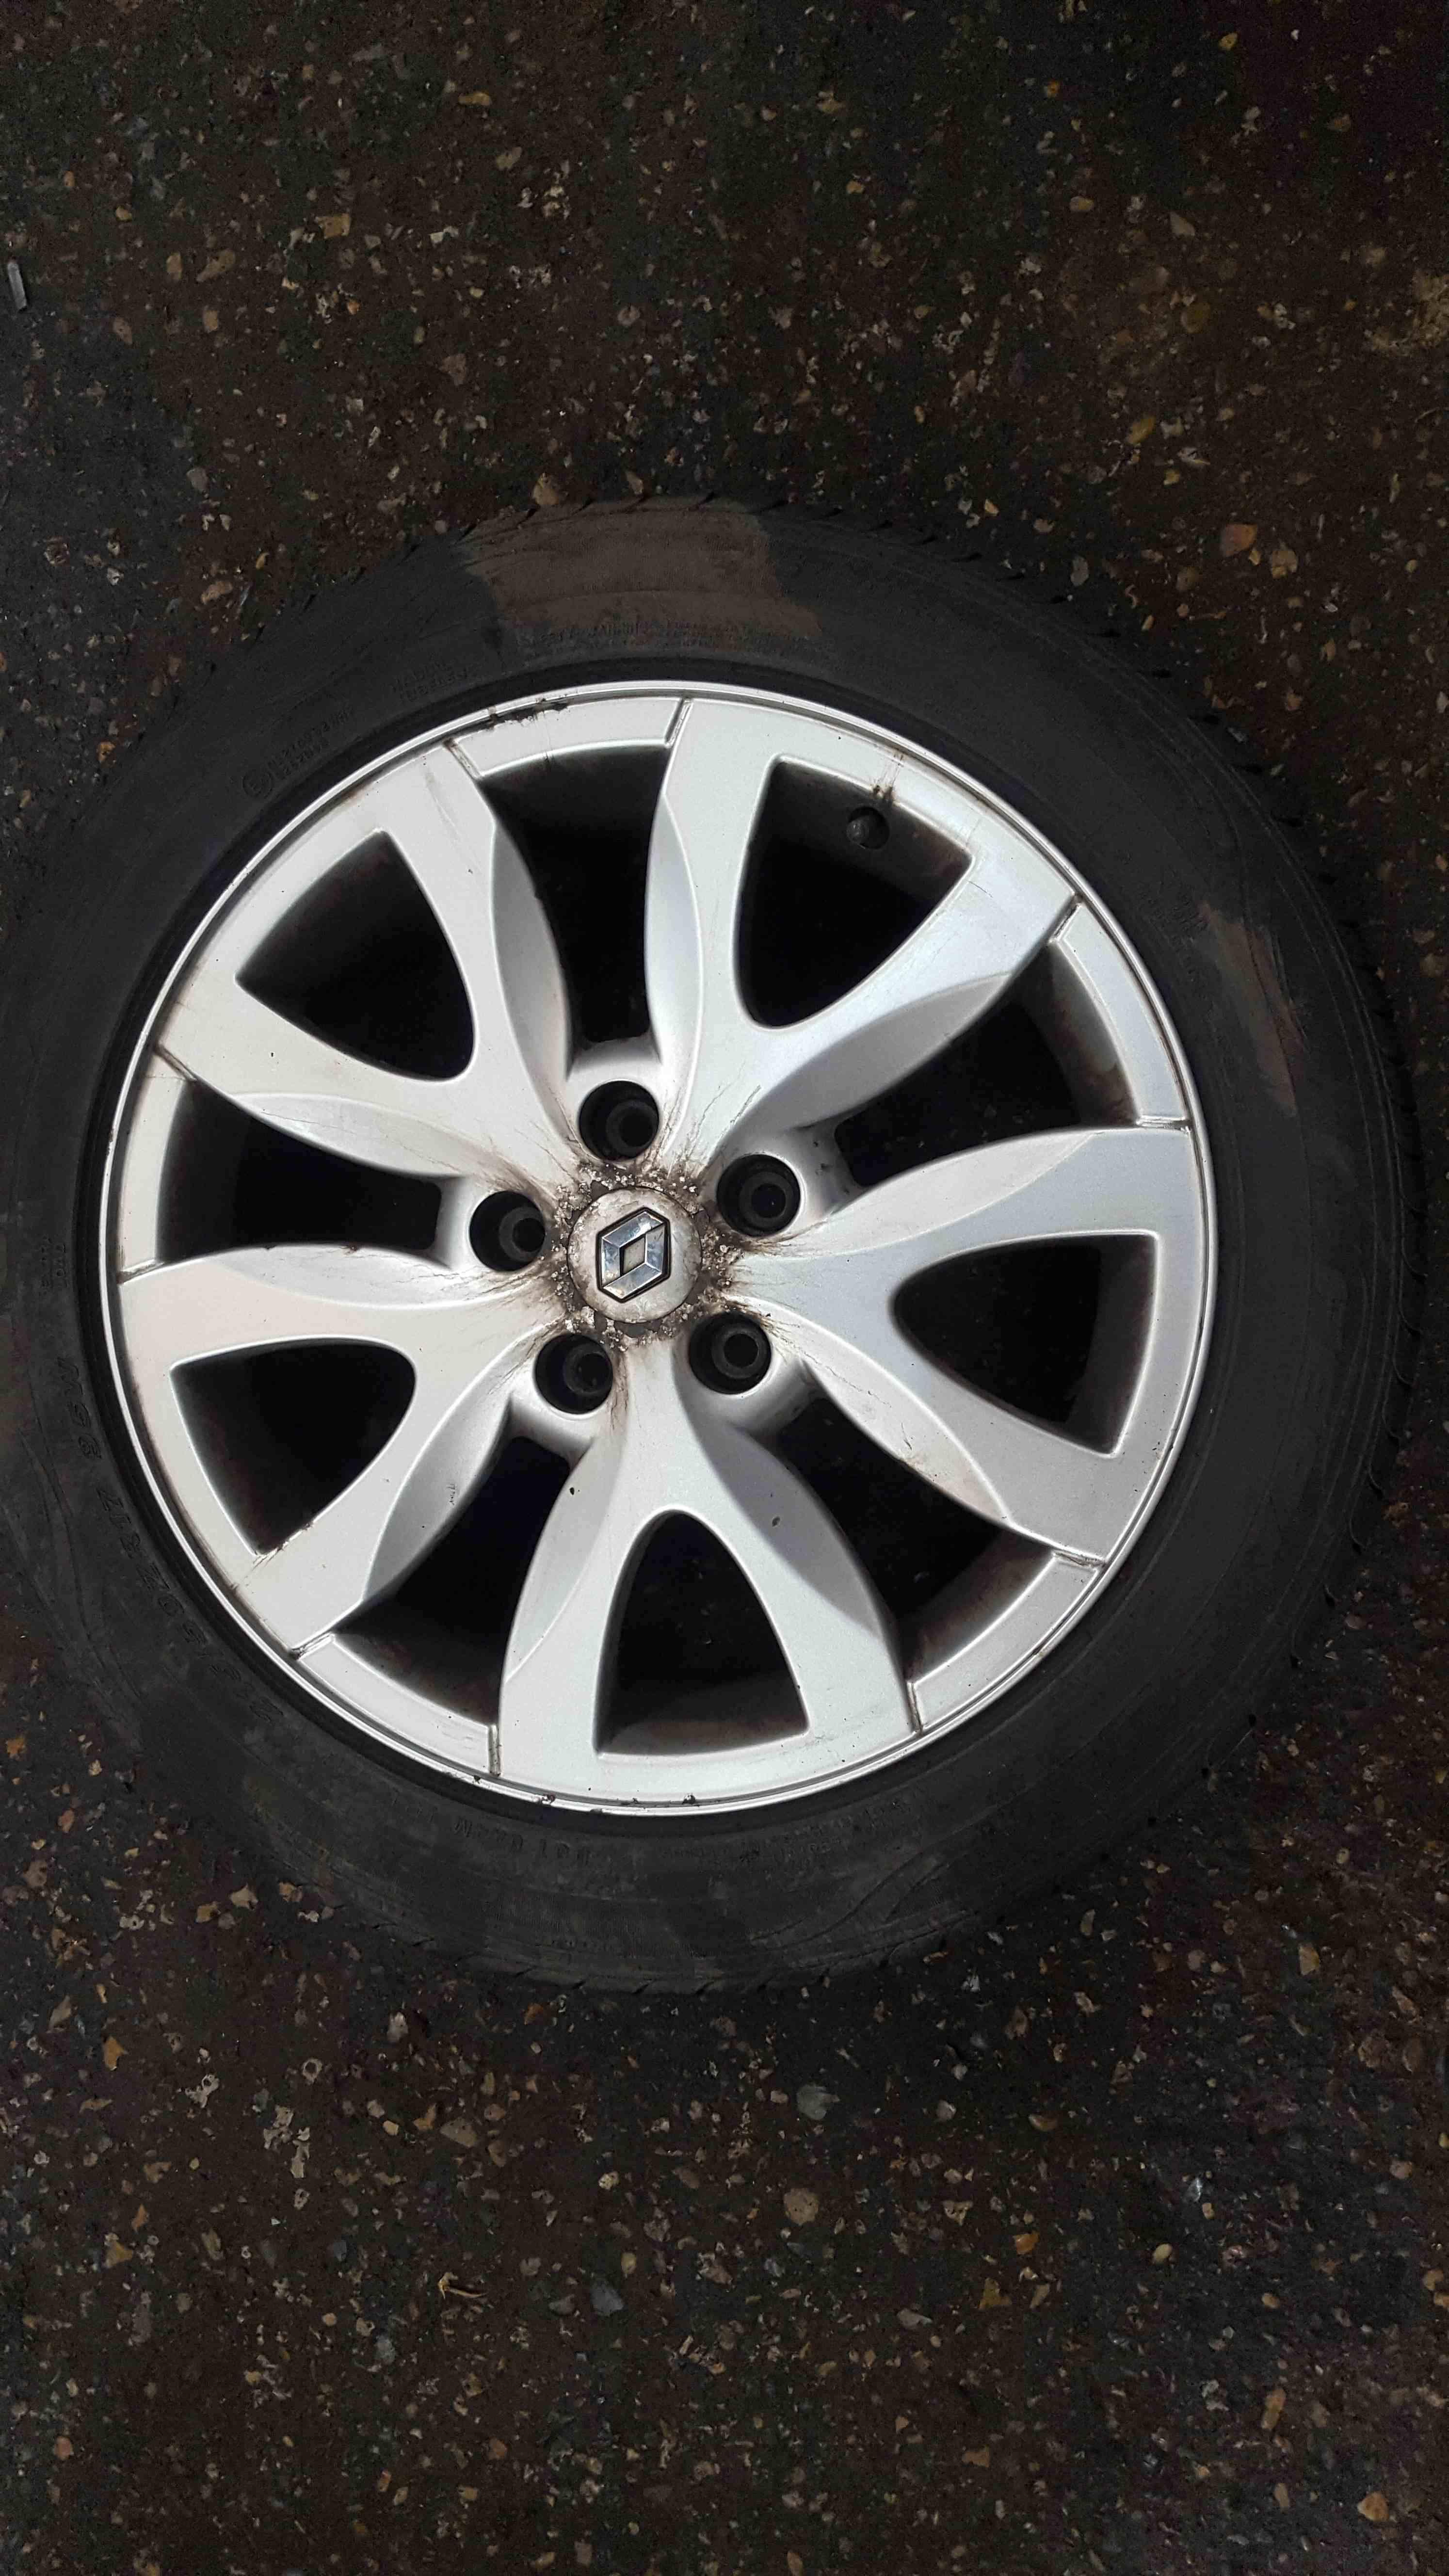 Renault Laguna MK3 2007-2012 Spider Alloy Wheel 17inch